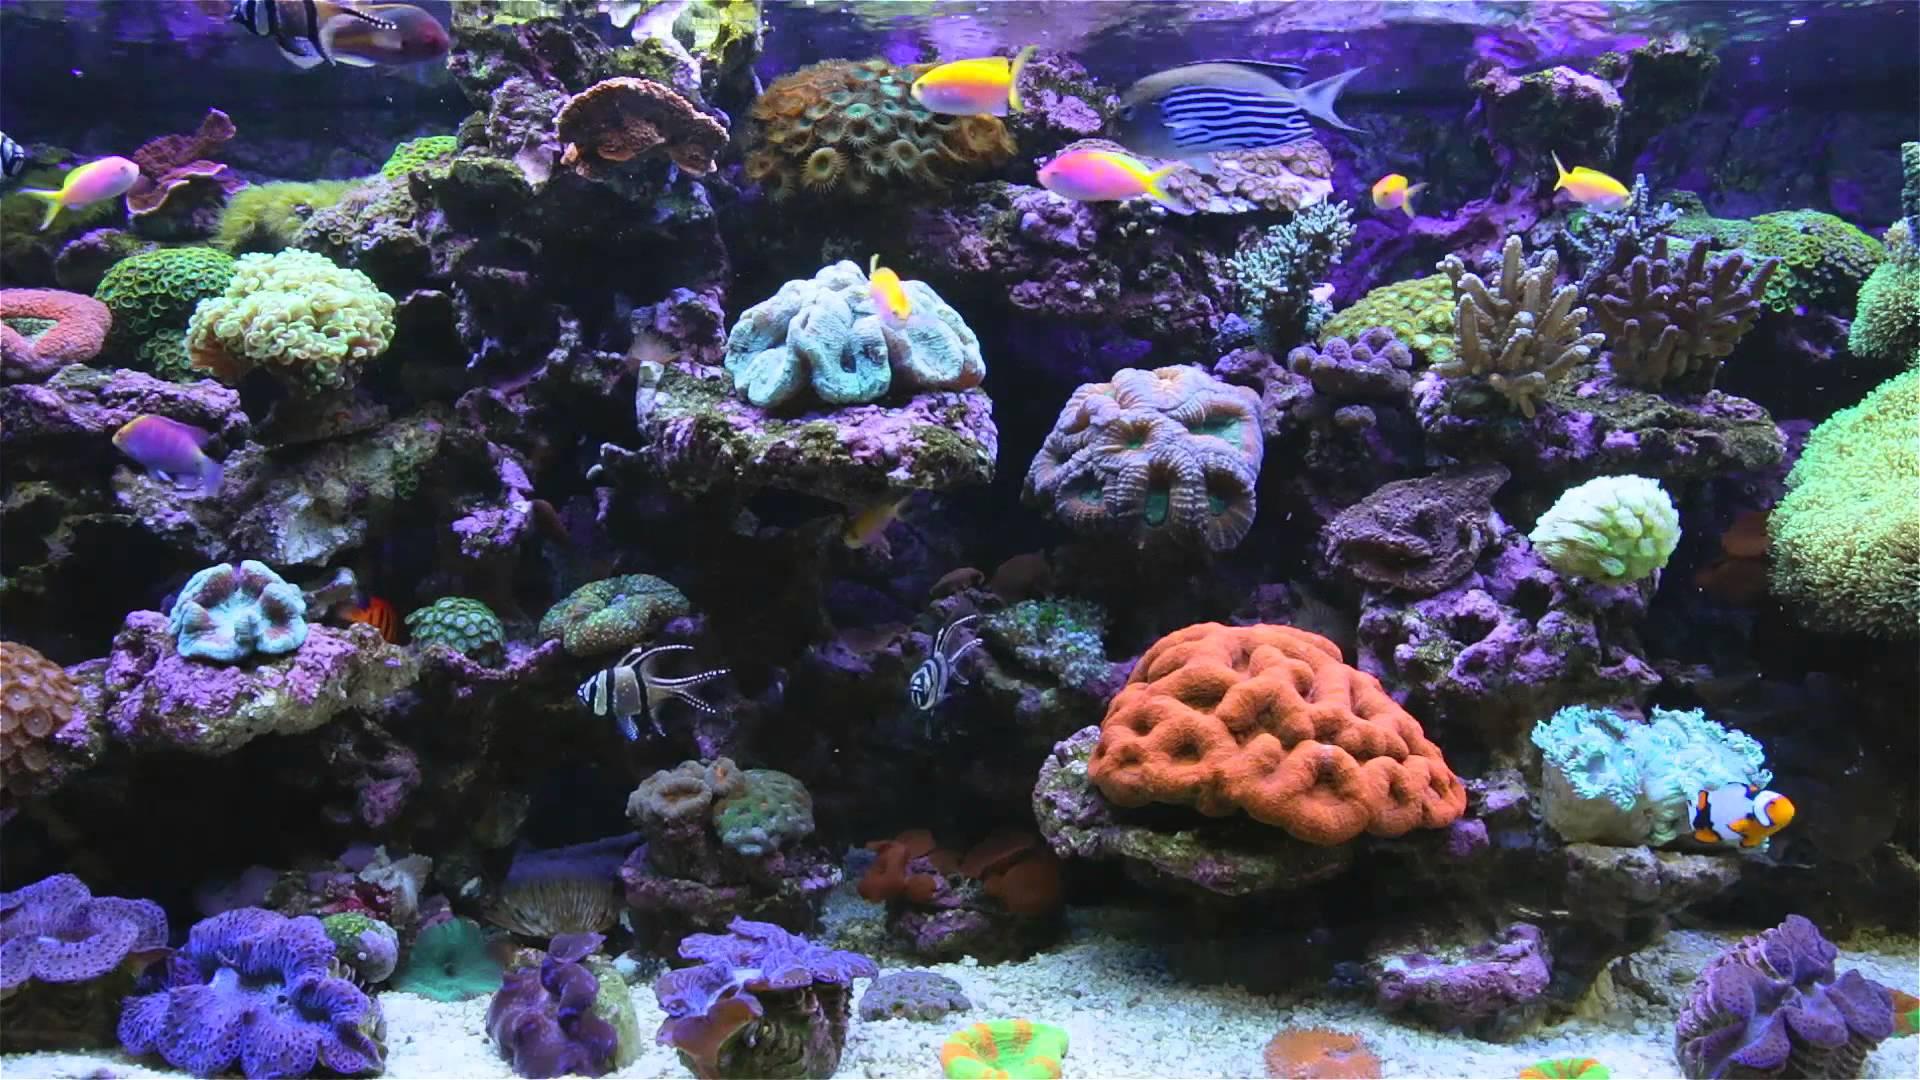 Saltwater fish wallpaper and screensavers wallpapersafari - Fish tank screensaver pc free ...